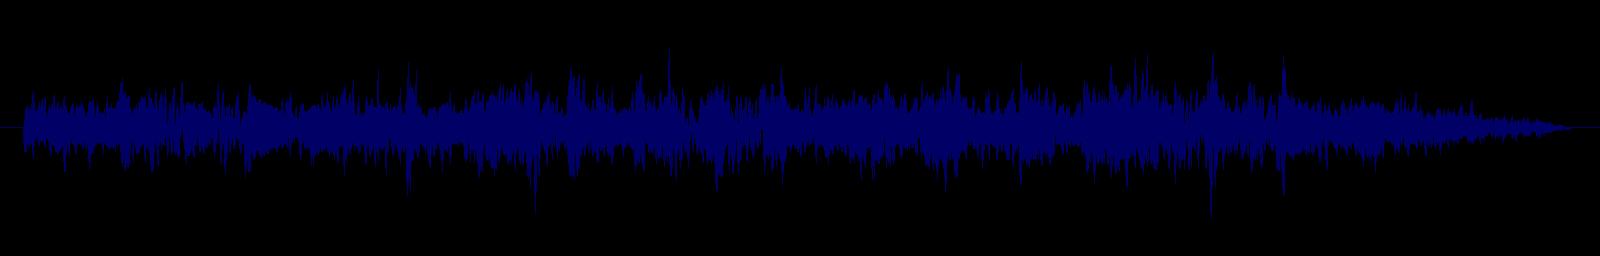 waveform of track #148453